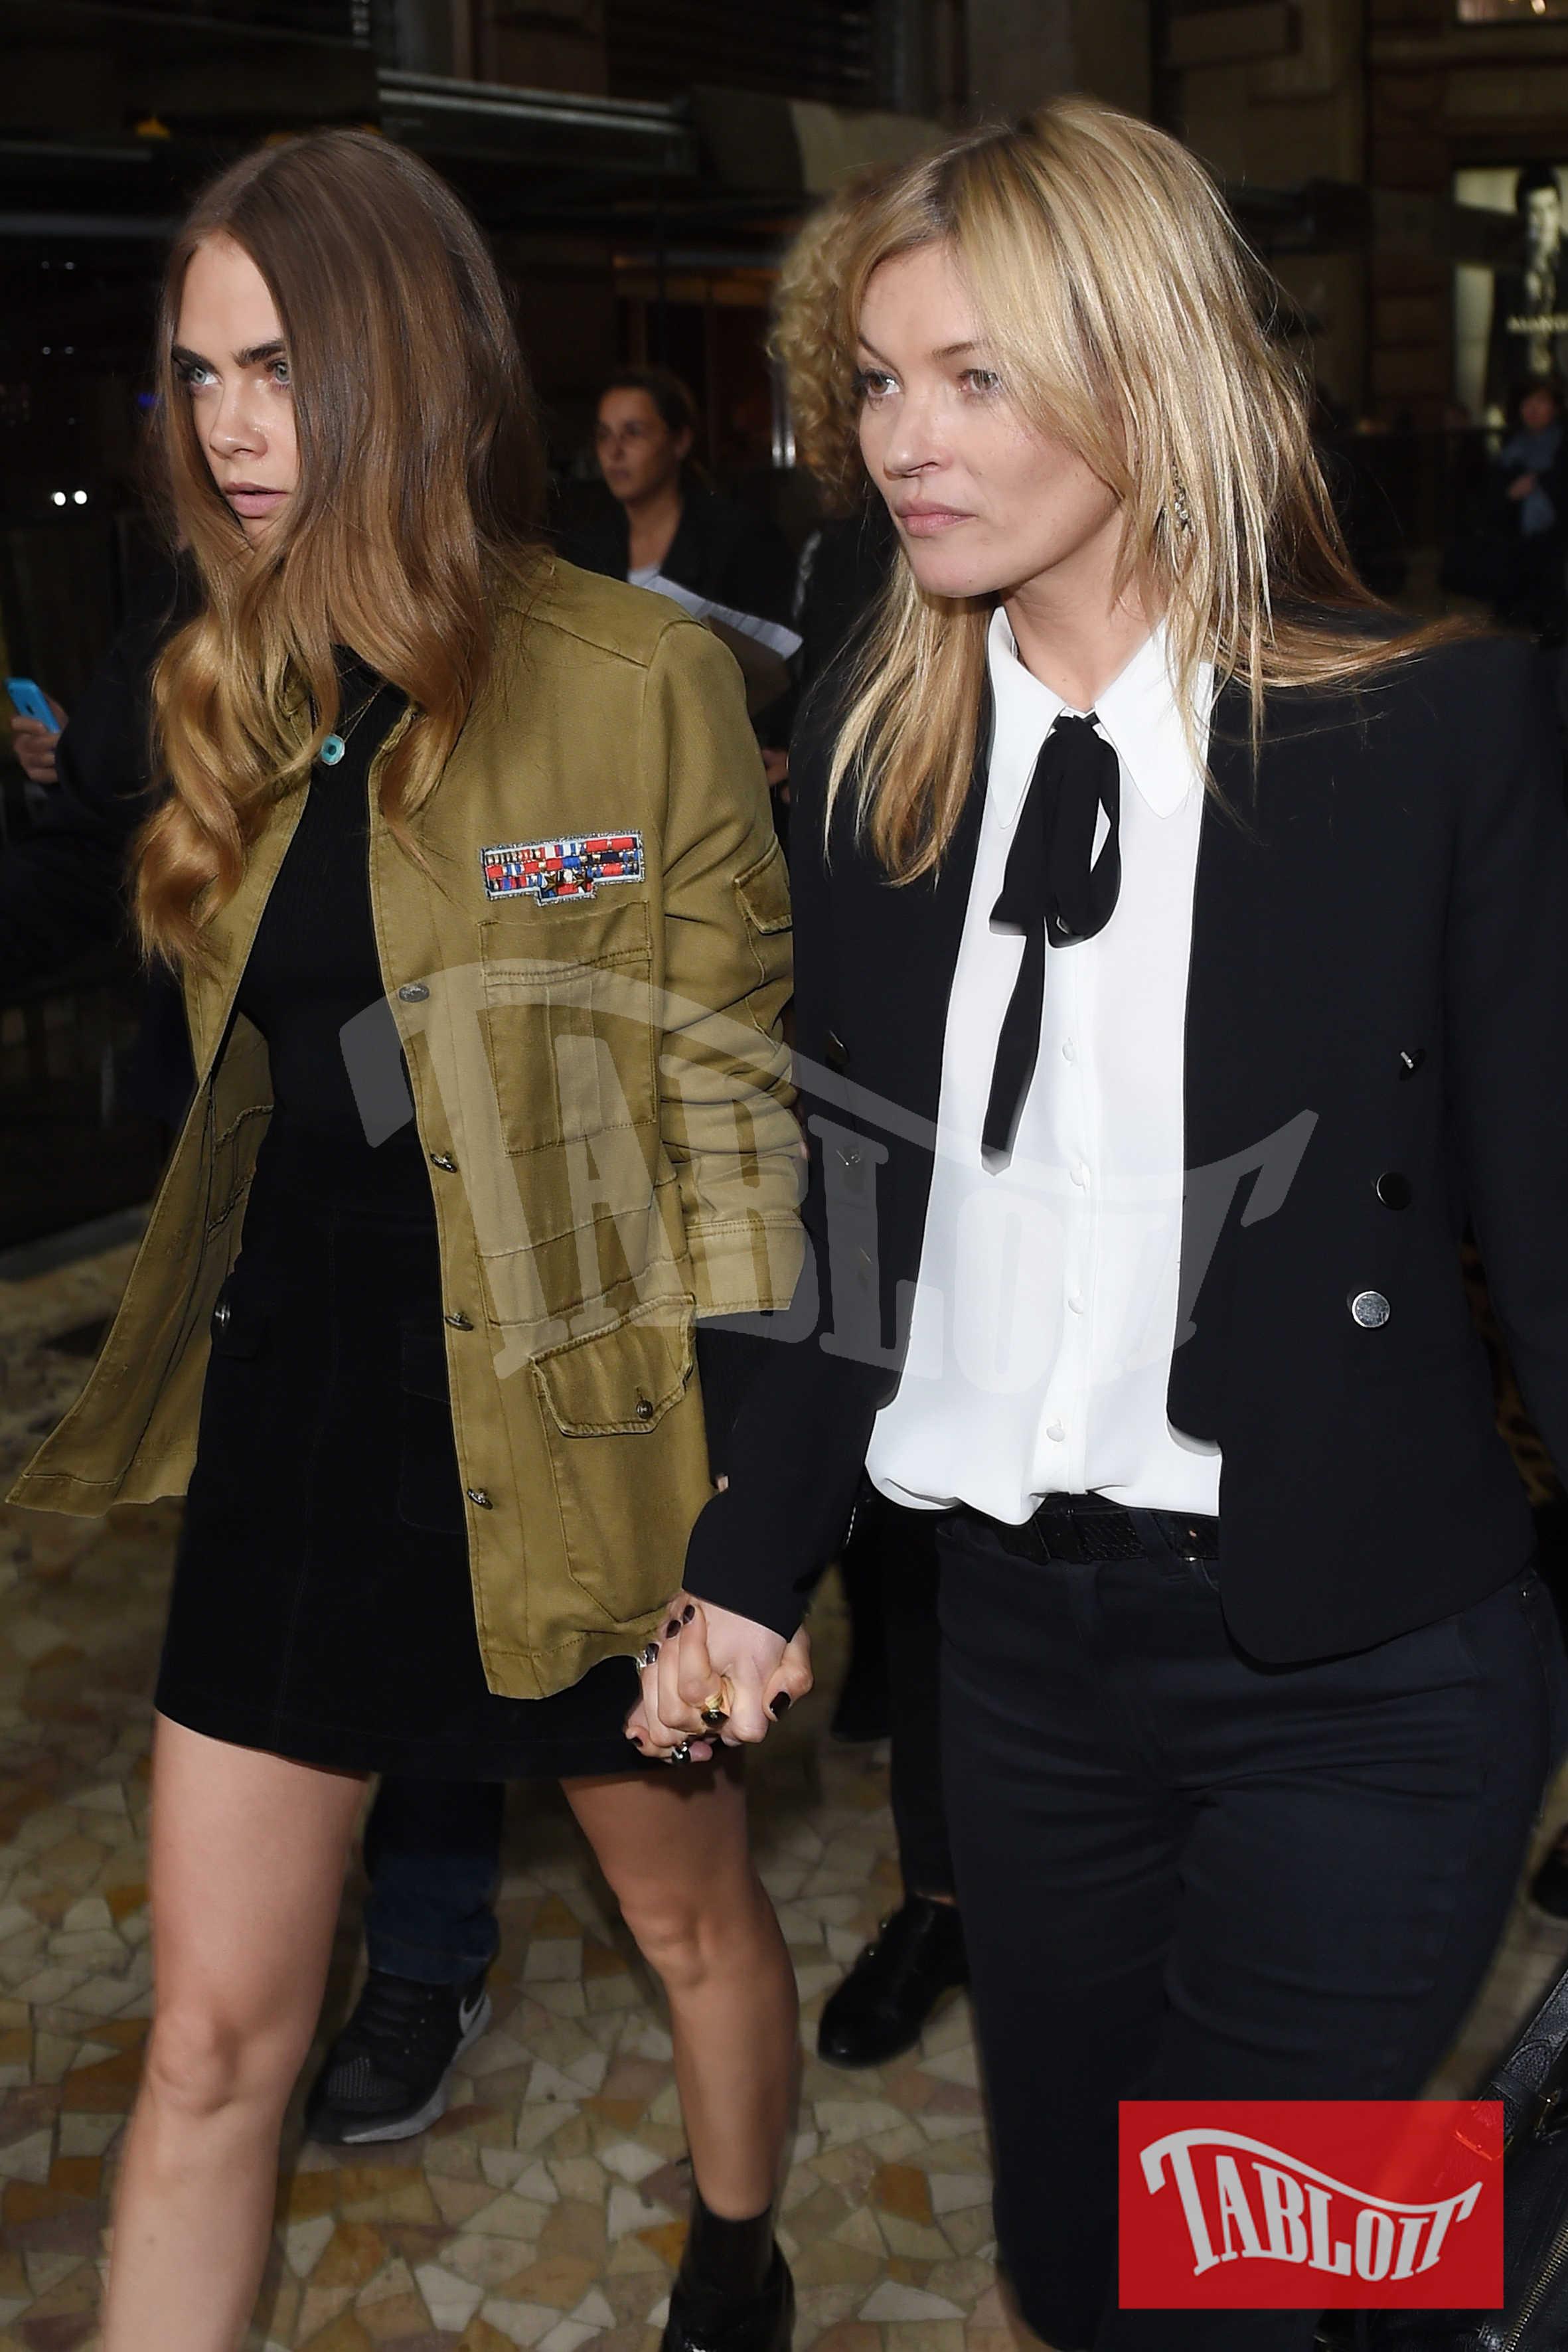 Kate Moss, 44 anni, mano nella mano con Cara Delevingne, 25. Cara, anche lei britannica, anche lei con l'aria da ragazzina ribelle, è considerata la vera erede di Kate Moss